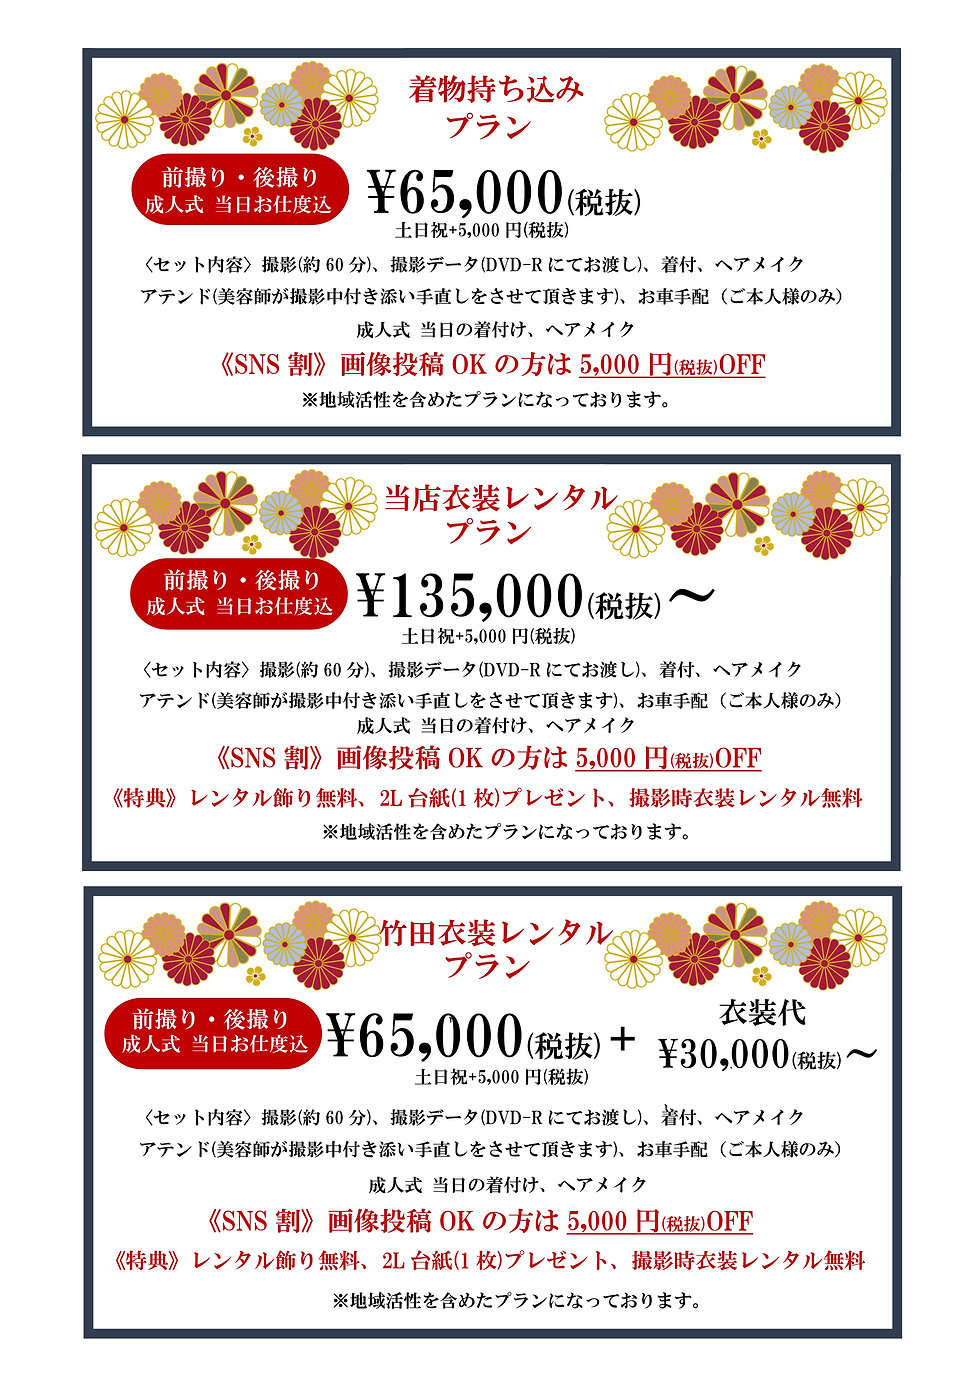 成人式 案内【新】2-004.jpg